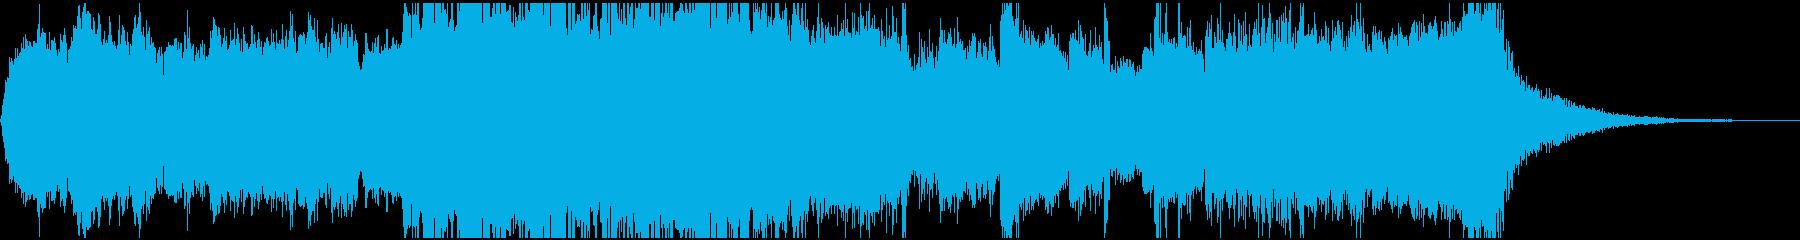 物語のはじまり的なBGMの再生済みの波形